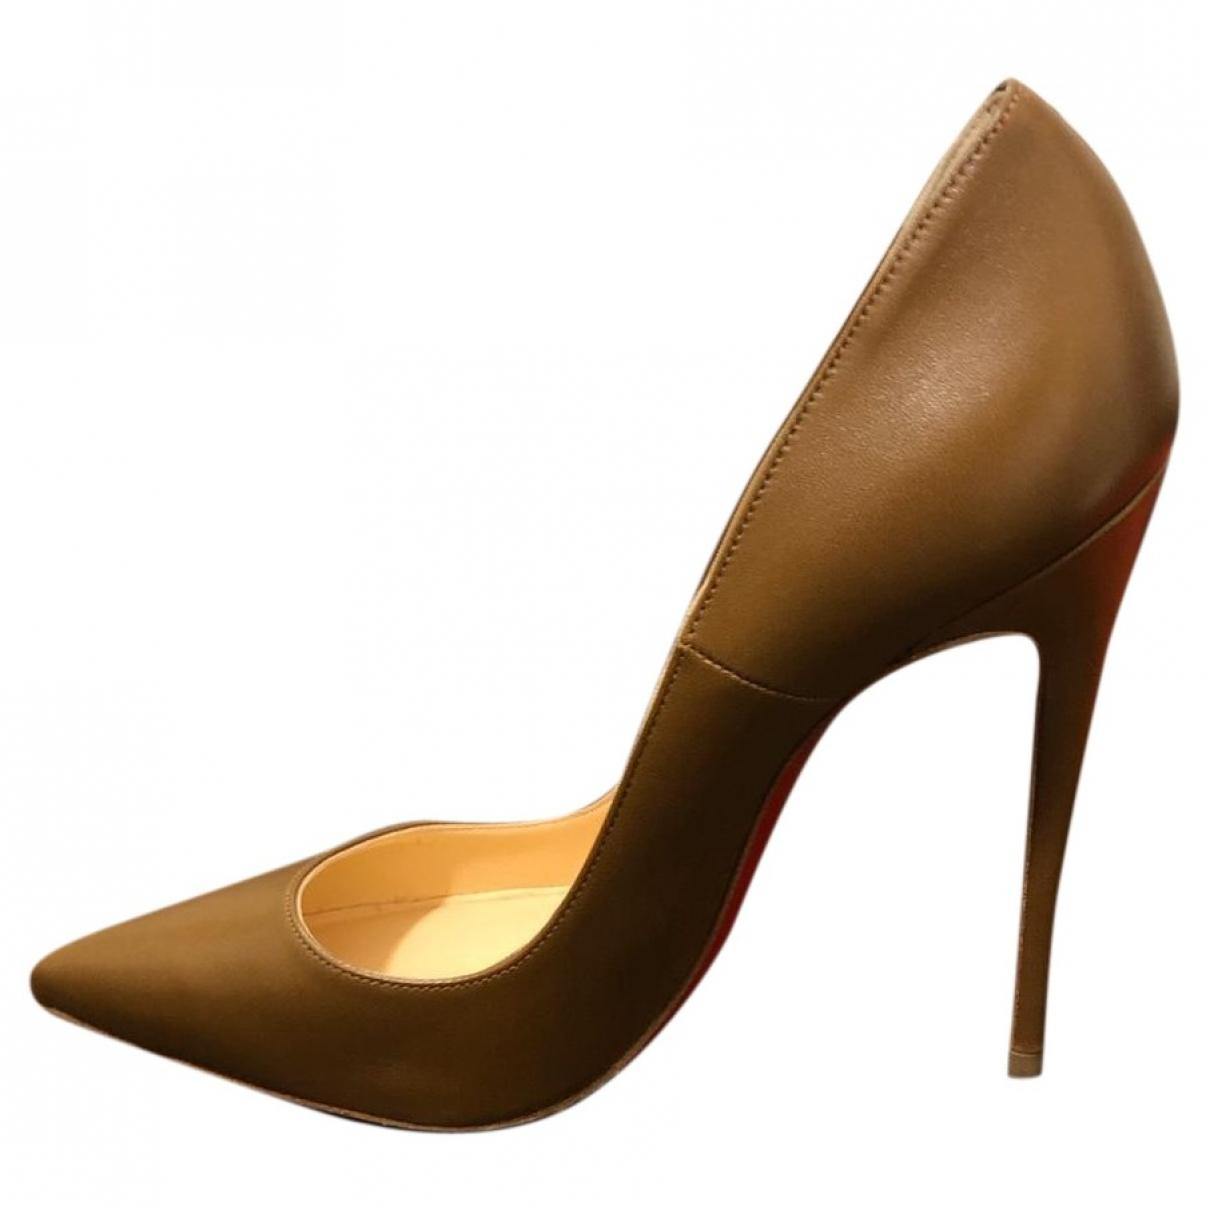 Christian Louboutin - Escarpins Iriza pour femme en cuir - beige